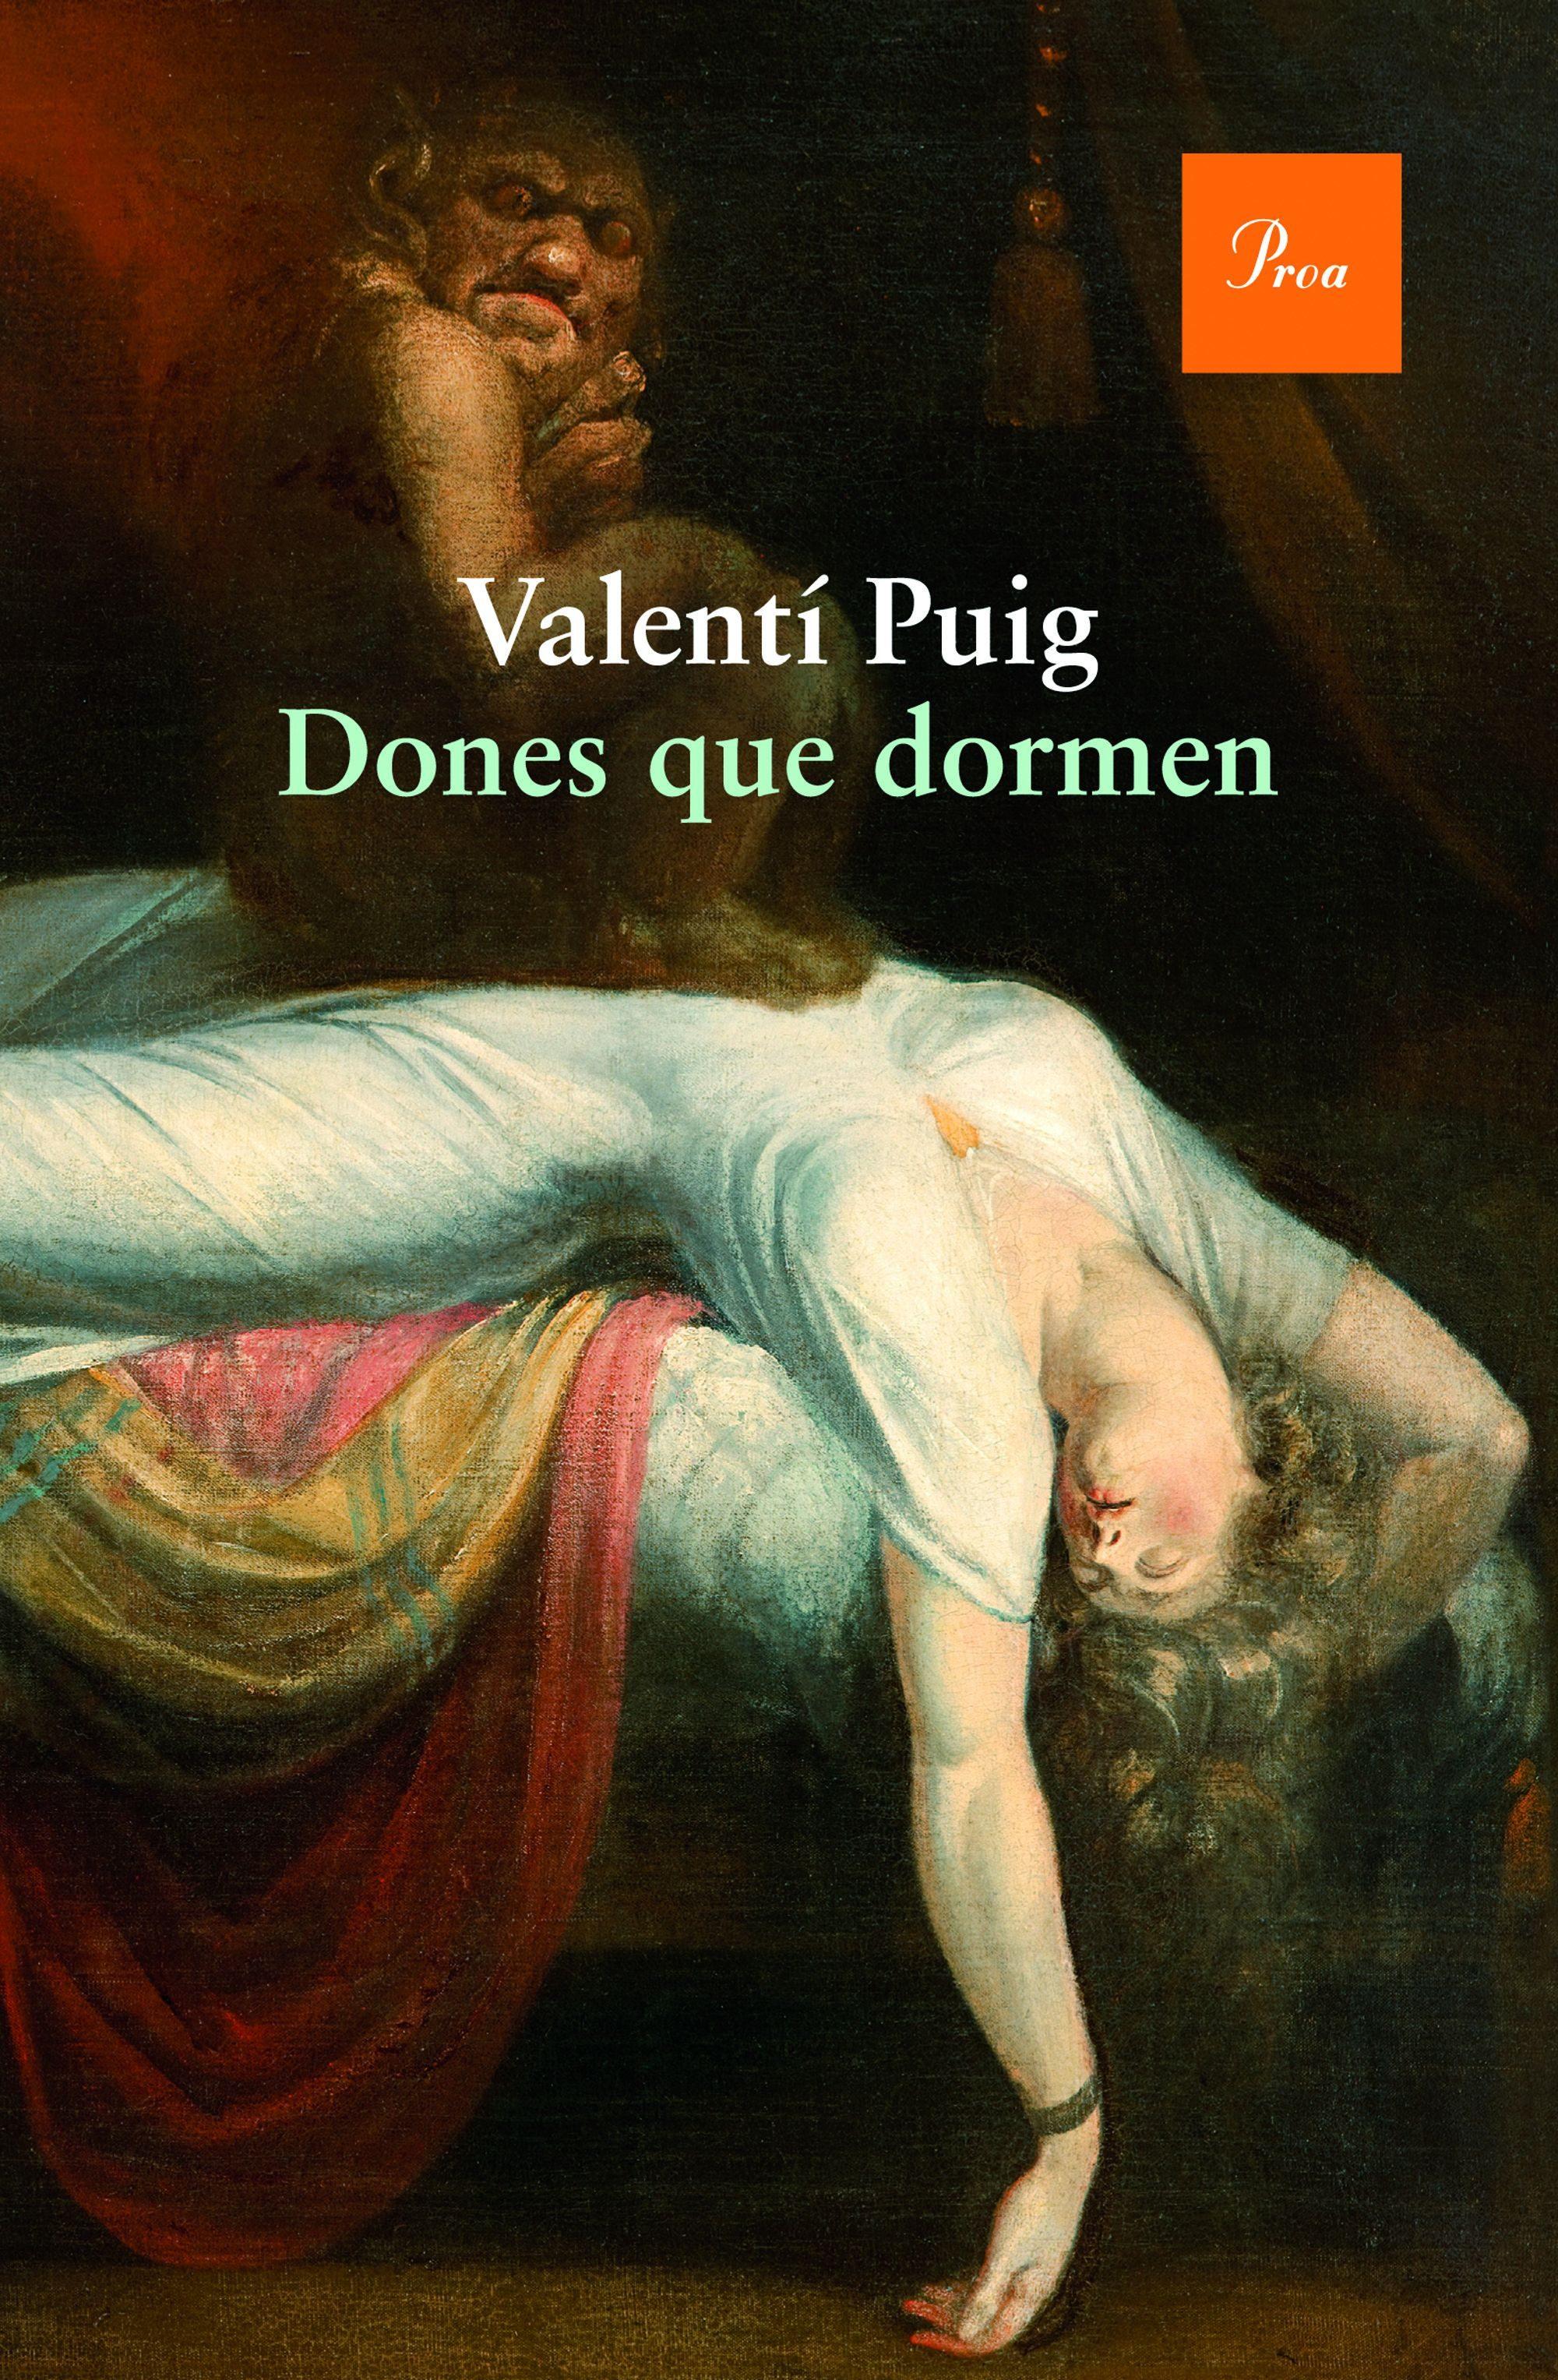 dones que dormen: dietaris 1986-1989-valenti puig-9788475885674